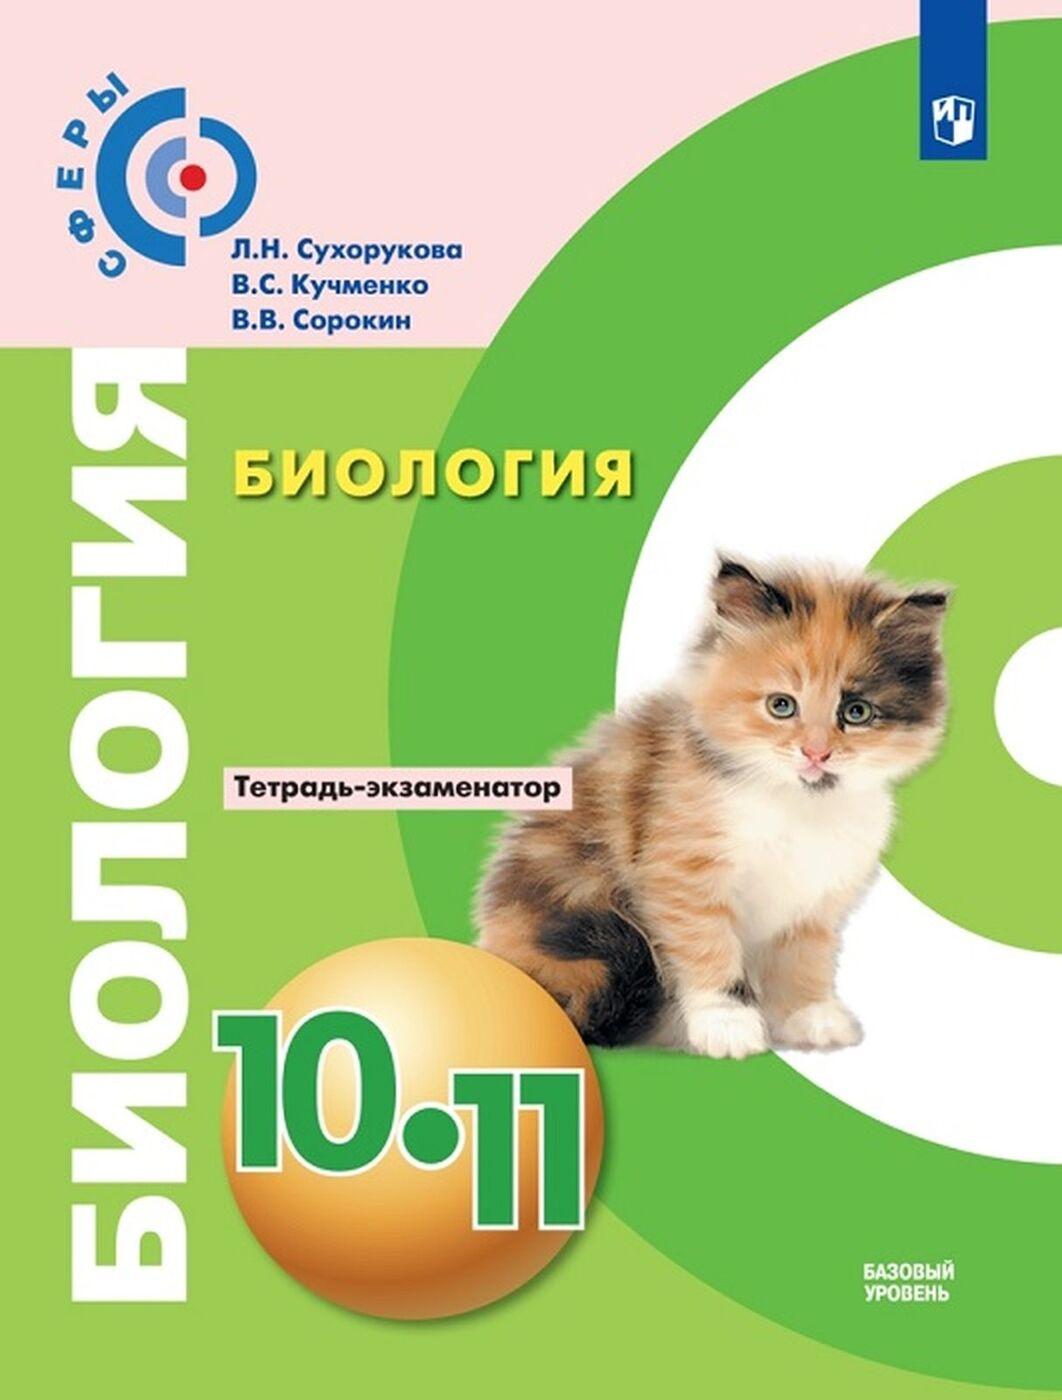 Сухорукова Л.Н. Биология. 10-11 классы. Тетрадь-экзаменатор. Базовый уровень (пр)